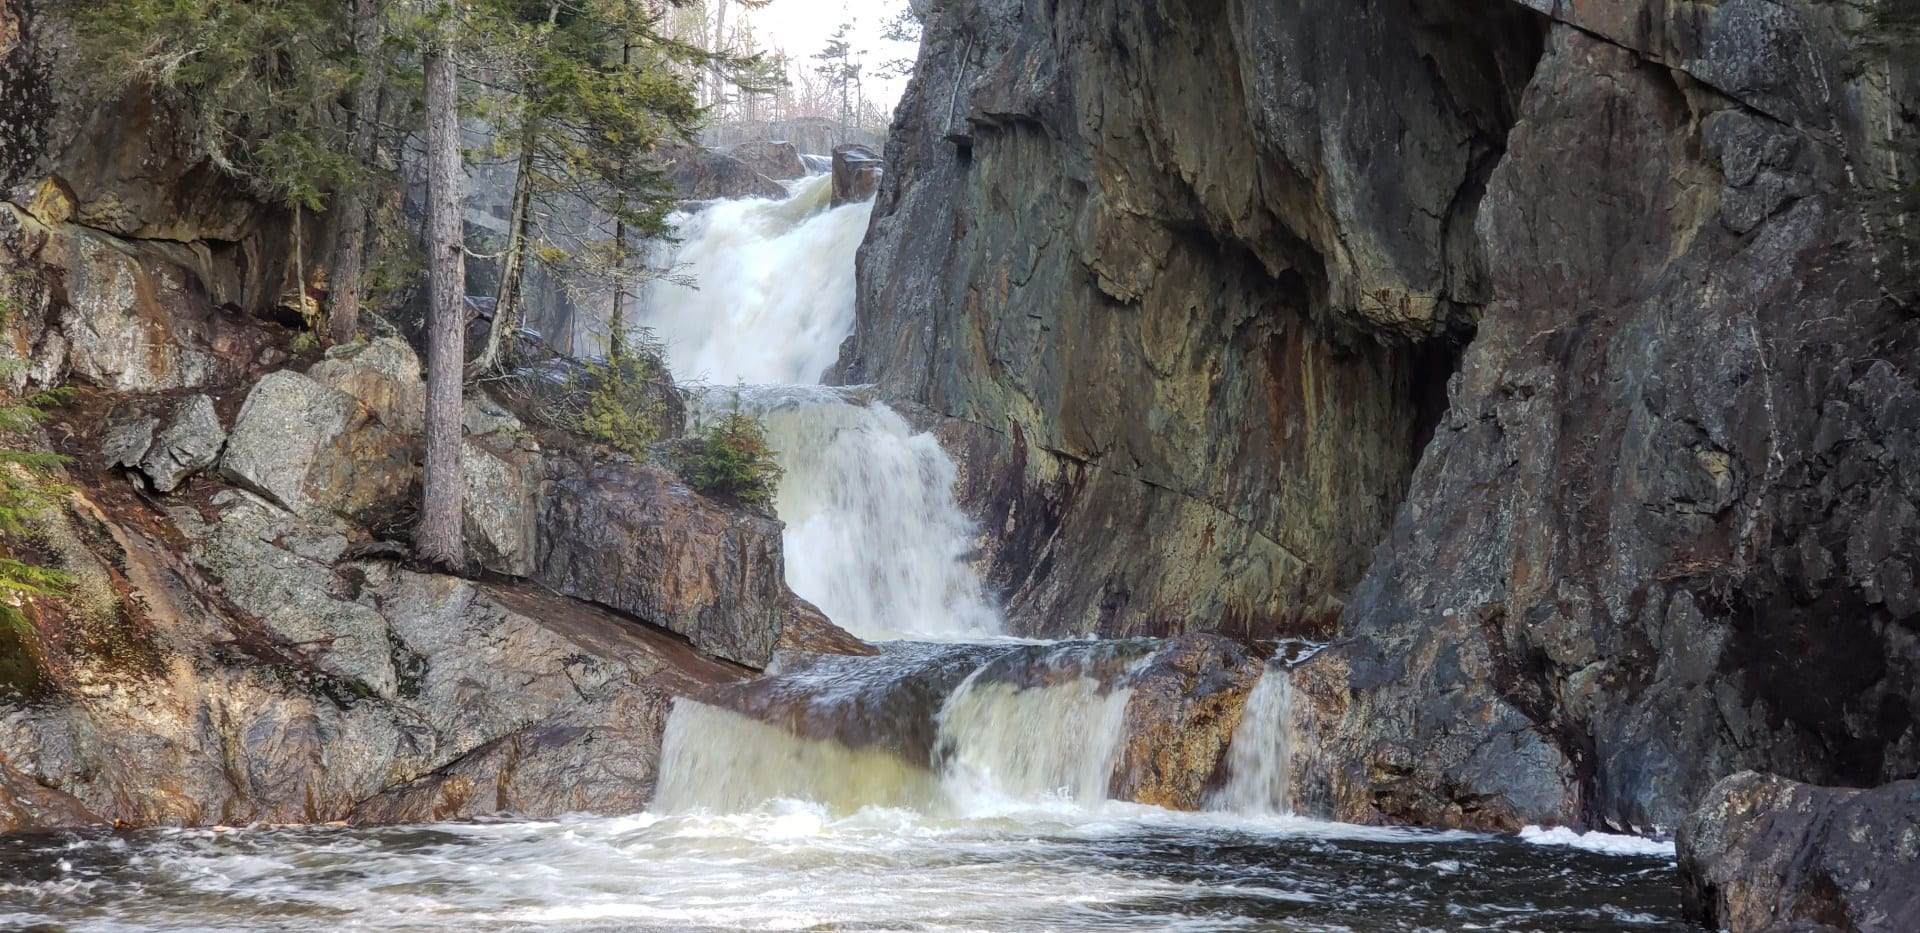 Smalls Falls